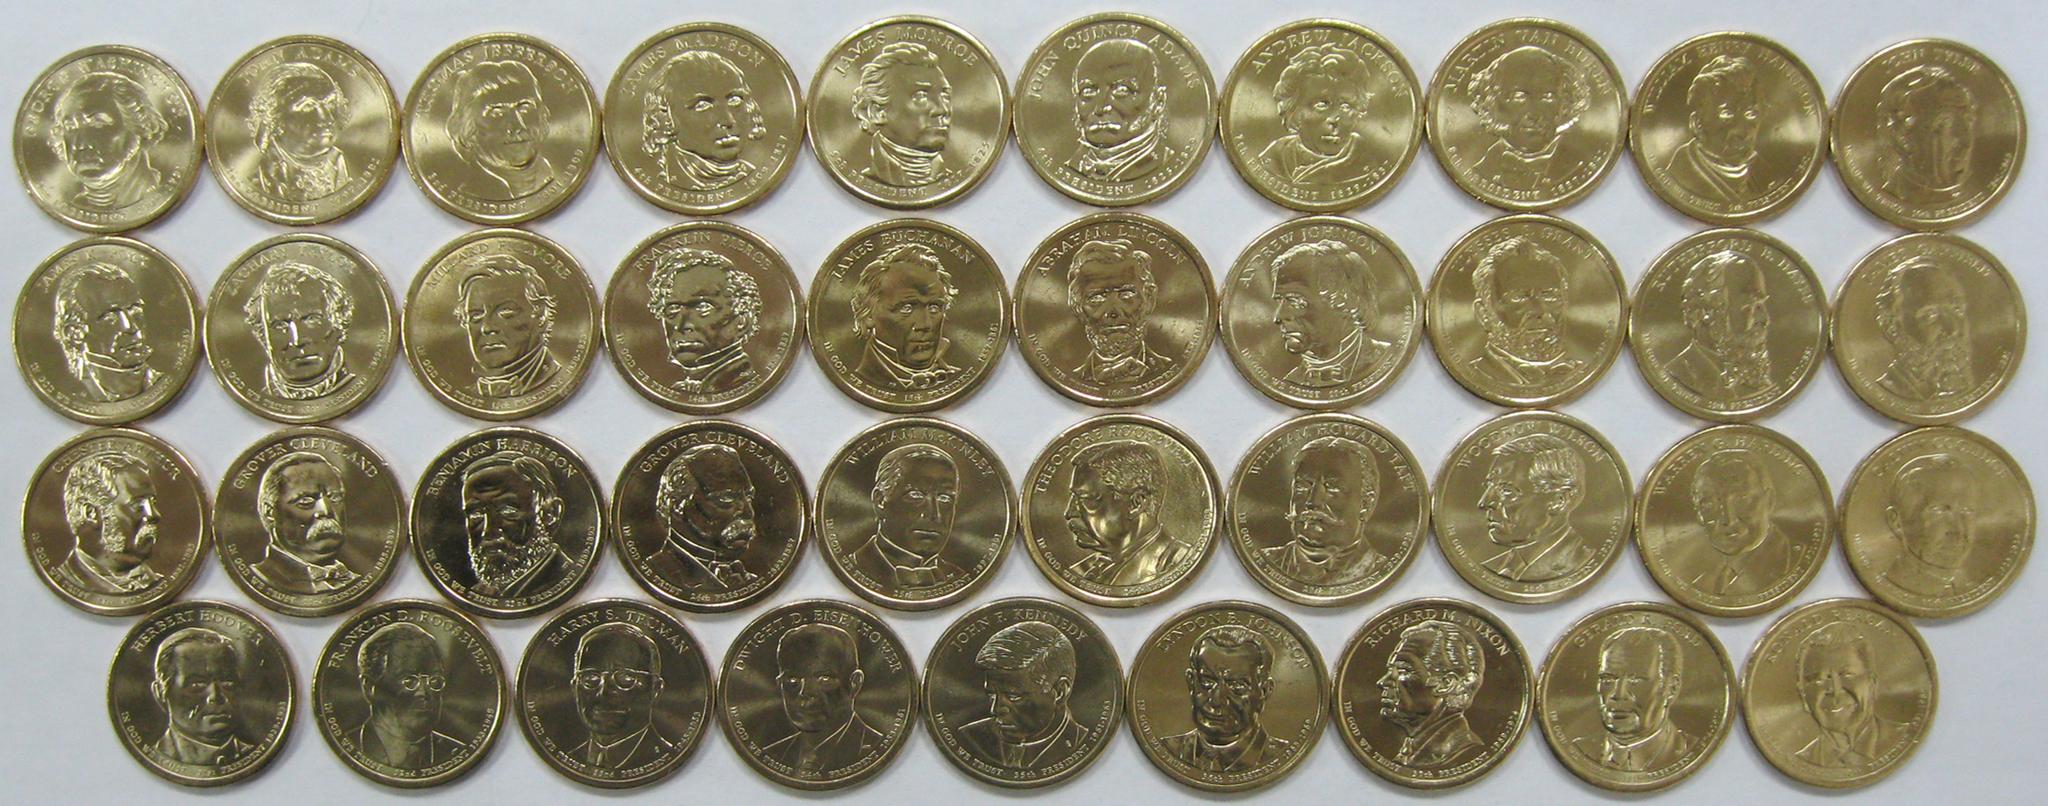 США 1 доллар набор 39 монет Президенты 2007-2016 Полный набор (микс дворов P+D)